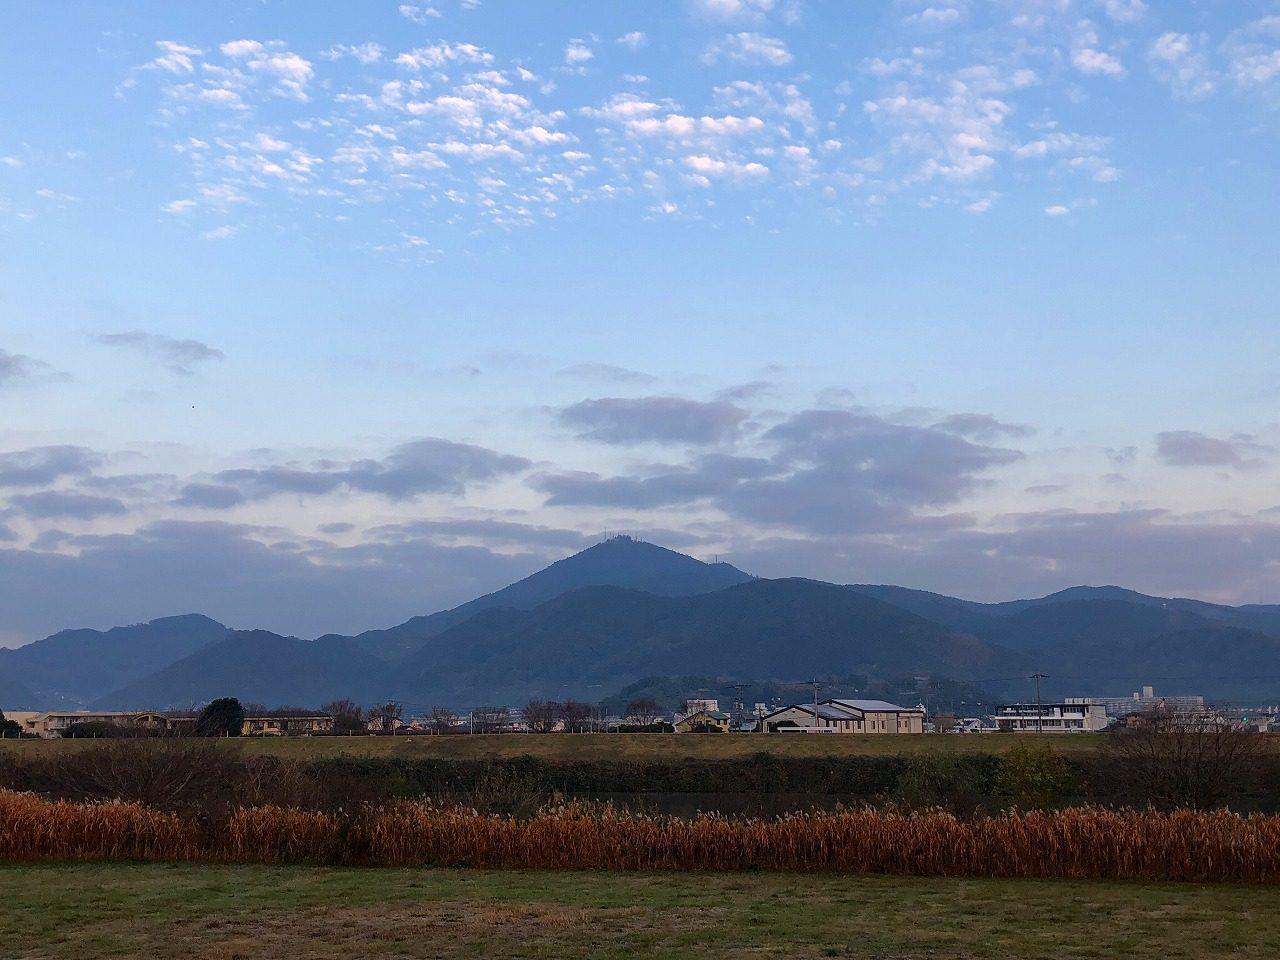 2018.12.13今朝の金峰山です。